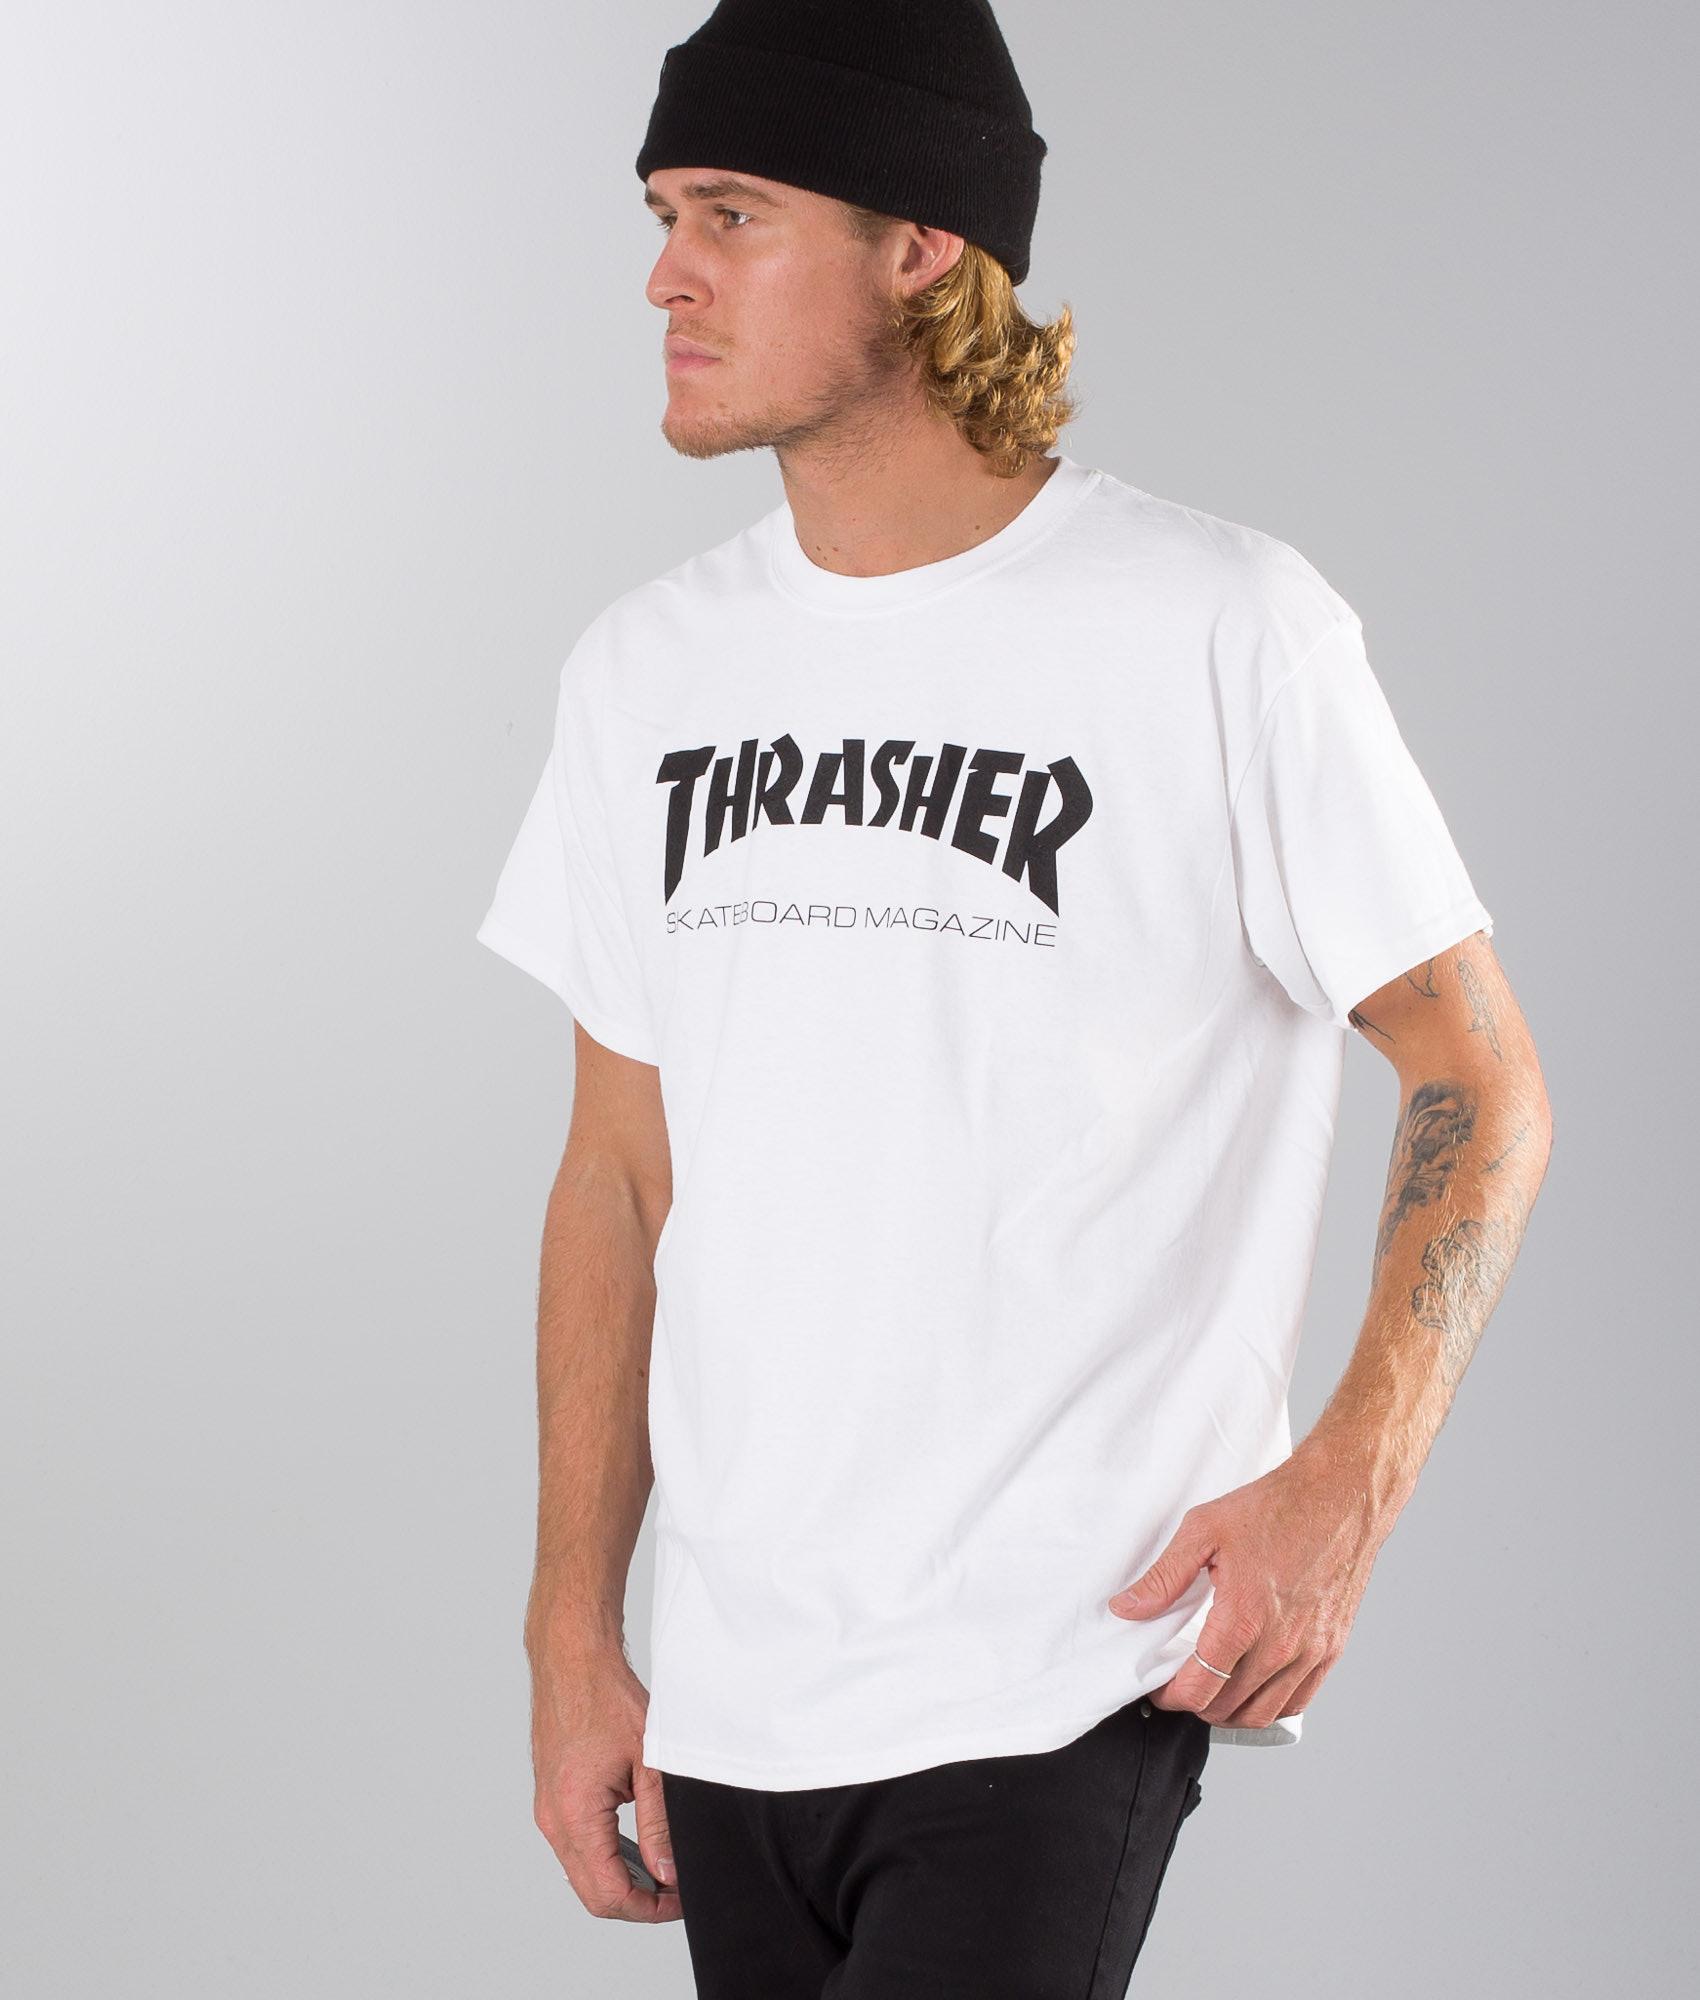 bce83eb2199a Thrasher Skate Mag T-shirt White - Ridestore.com